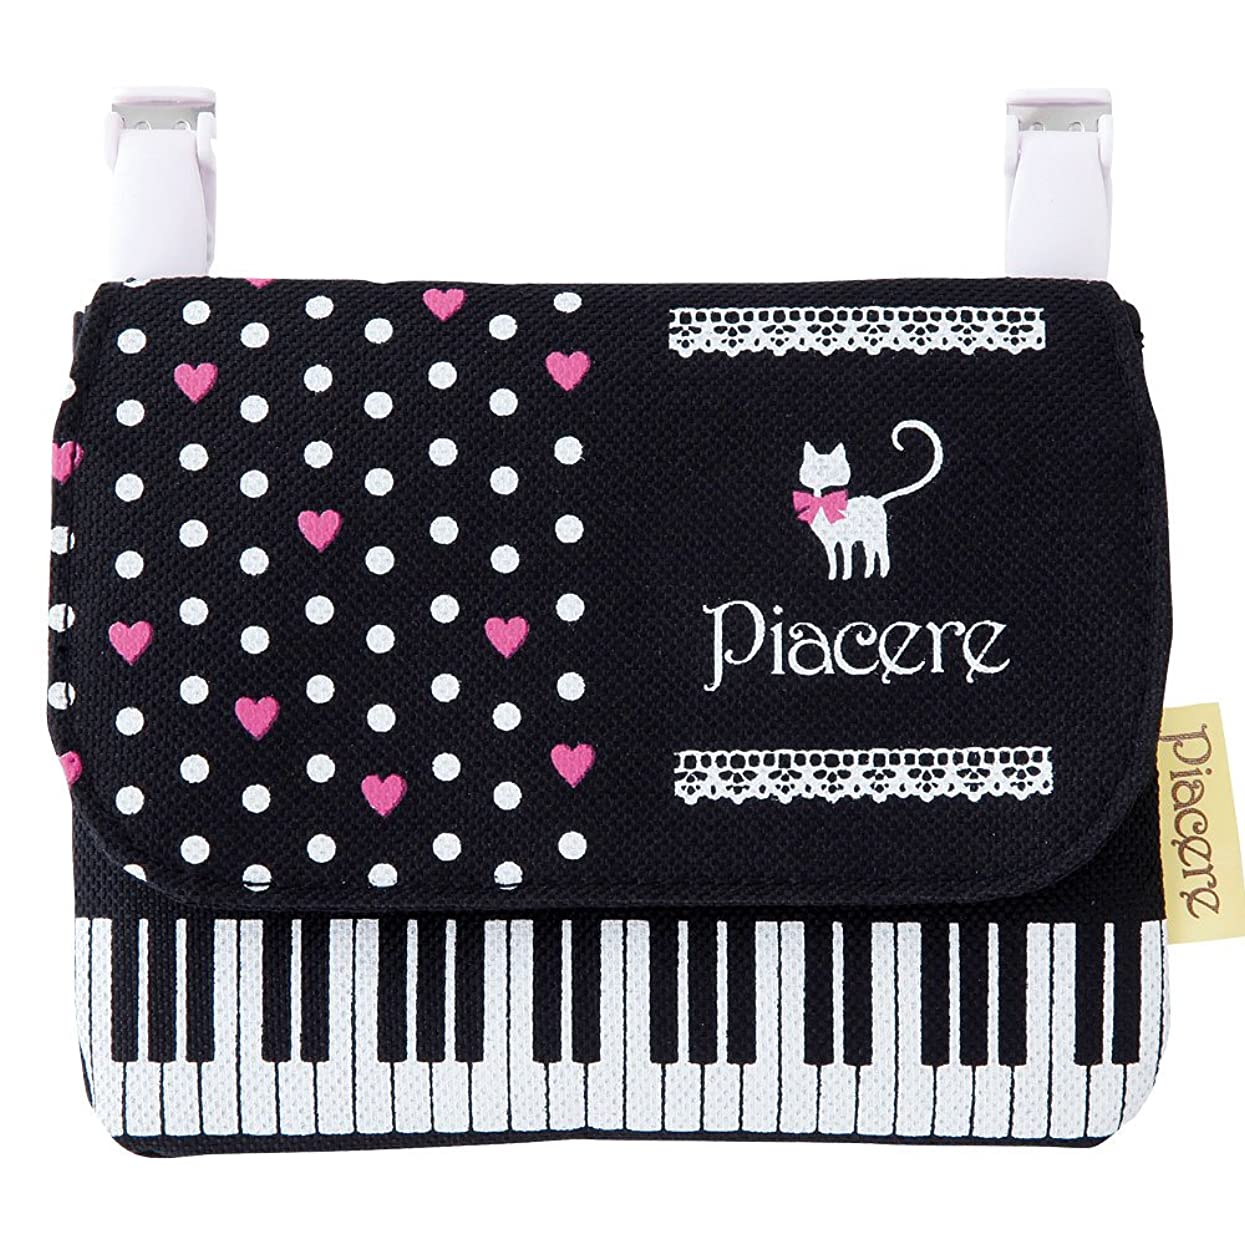 望まないペルソナ更新するピアチェーレ ポケットポーチ(猫&鍵盤柄) ポケットティッシュケース付き移動ポケット 音楽モチーフ